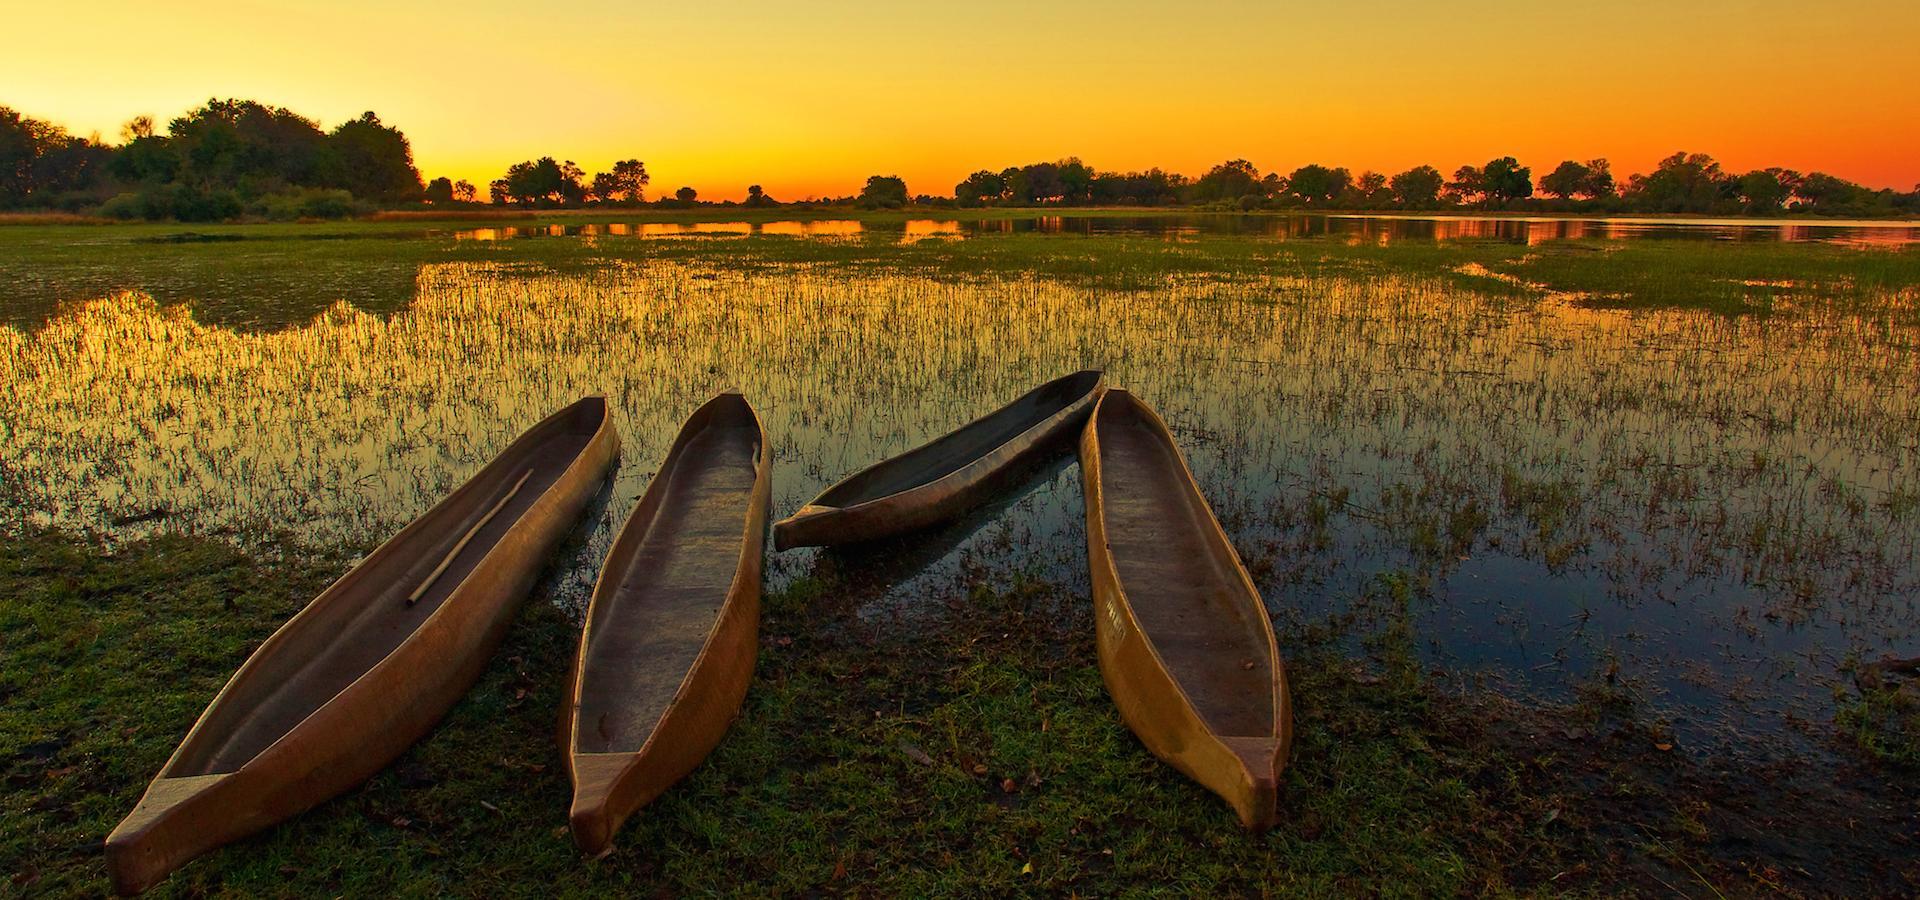 Sonnenaufgang im Okavango Delta: Im Vordergrund drei Mokoro, das klassische Fortbewegungsmittel im größten Binnendelta der Welt